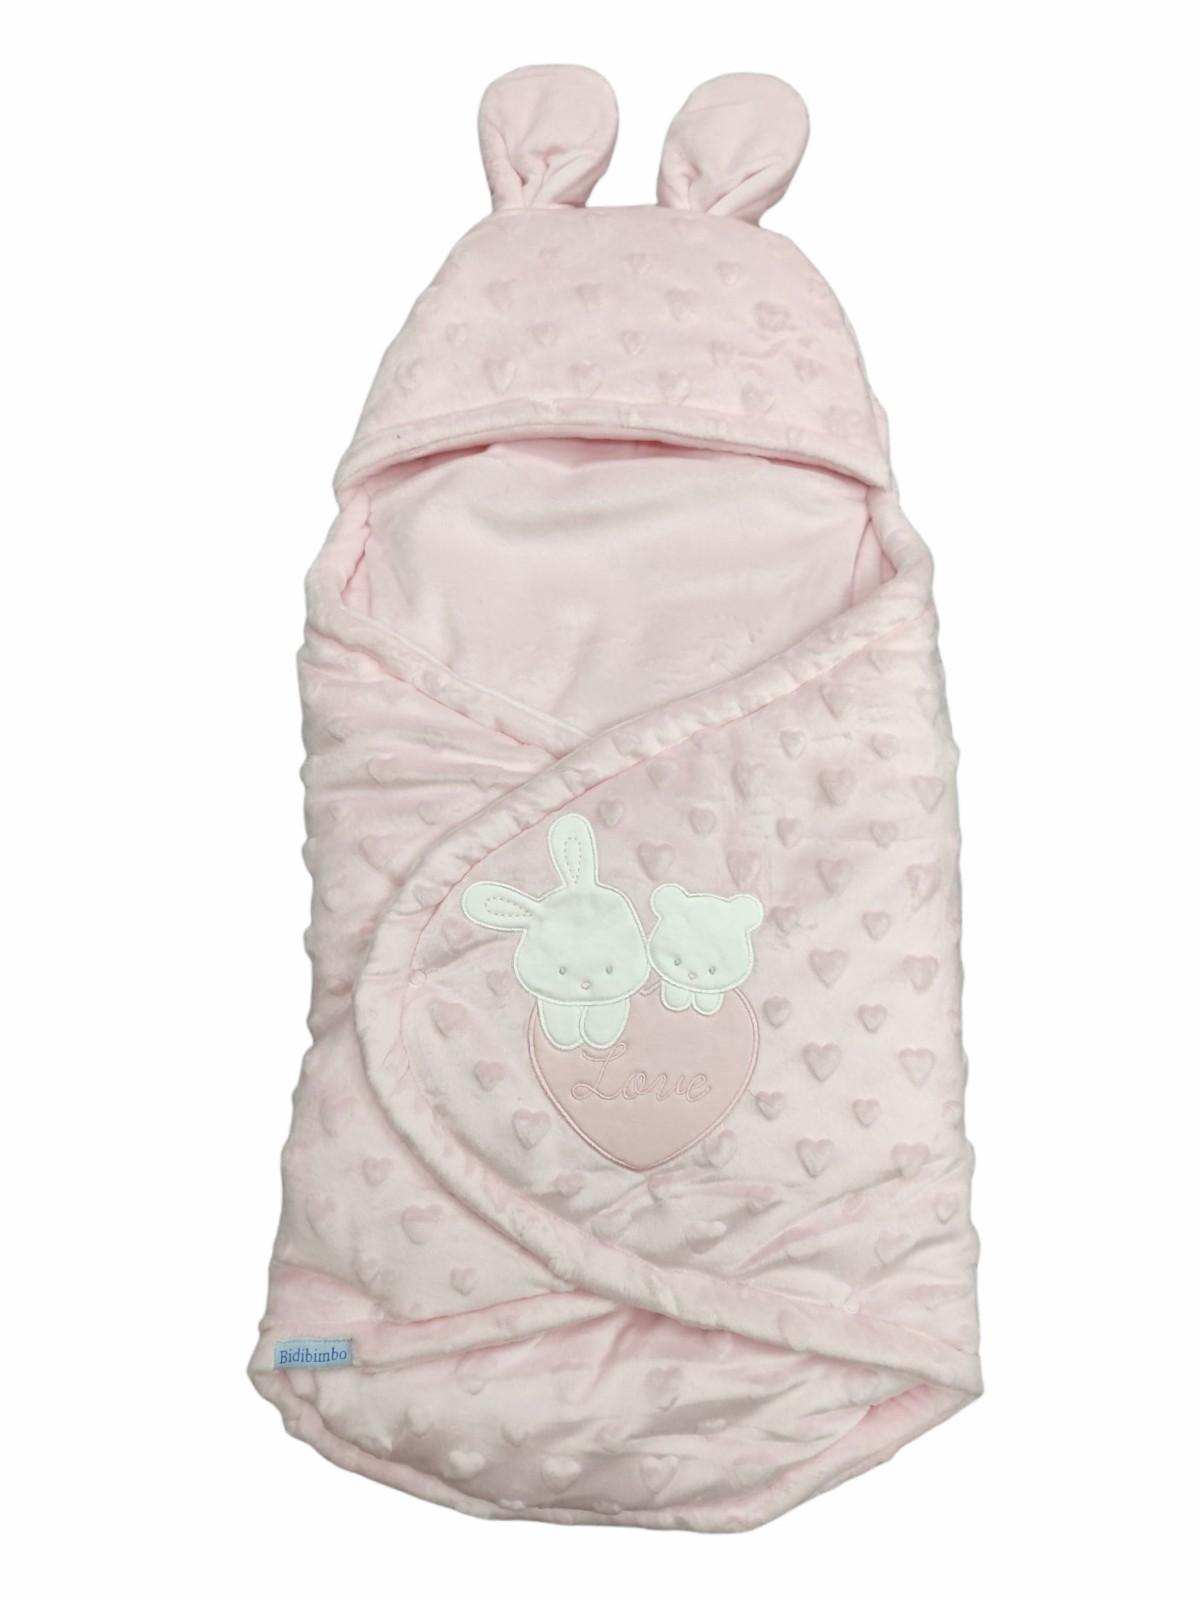 Baby sacco con orecchie taglia unica 0-12 mesi in ciniglia